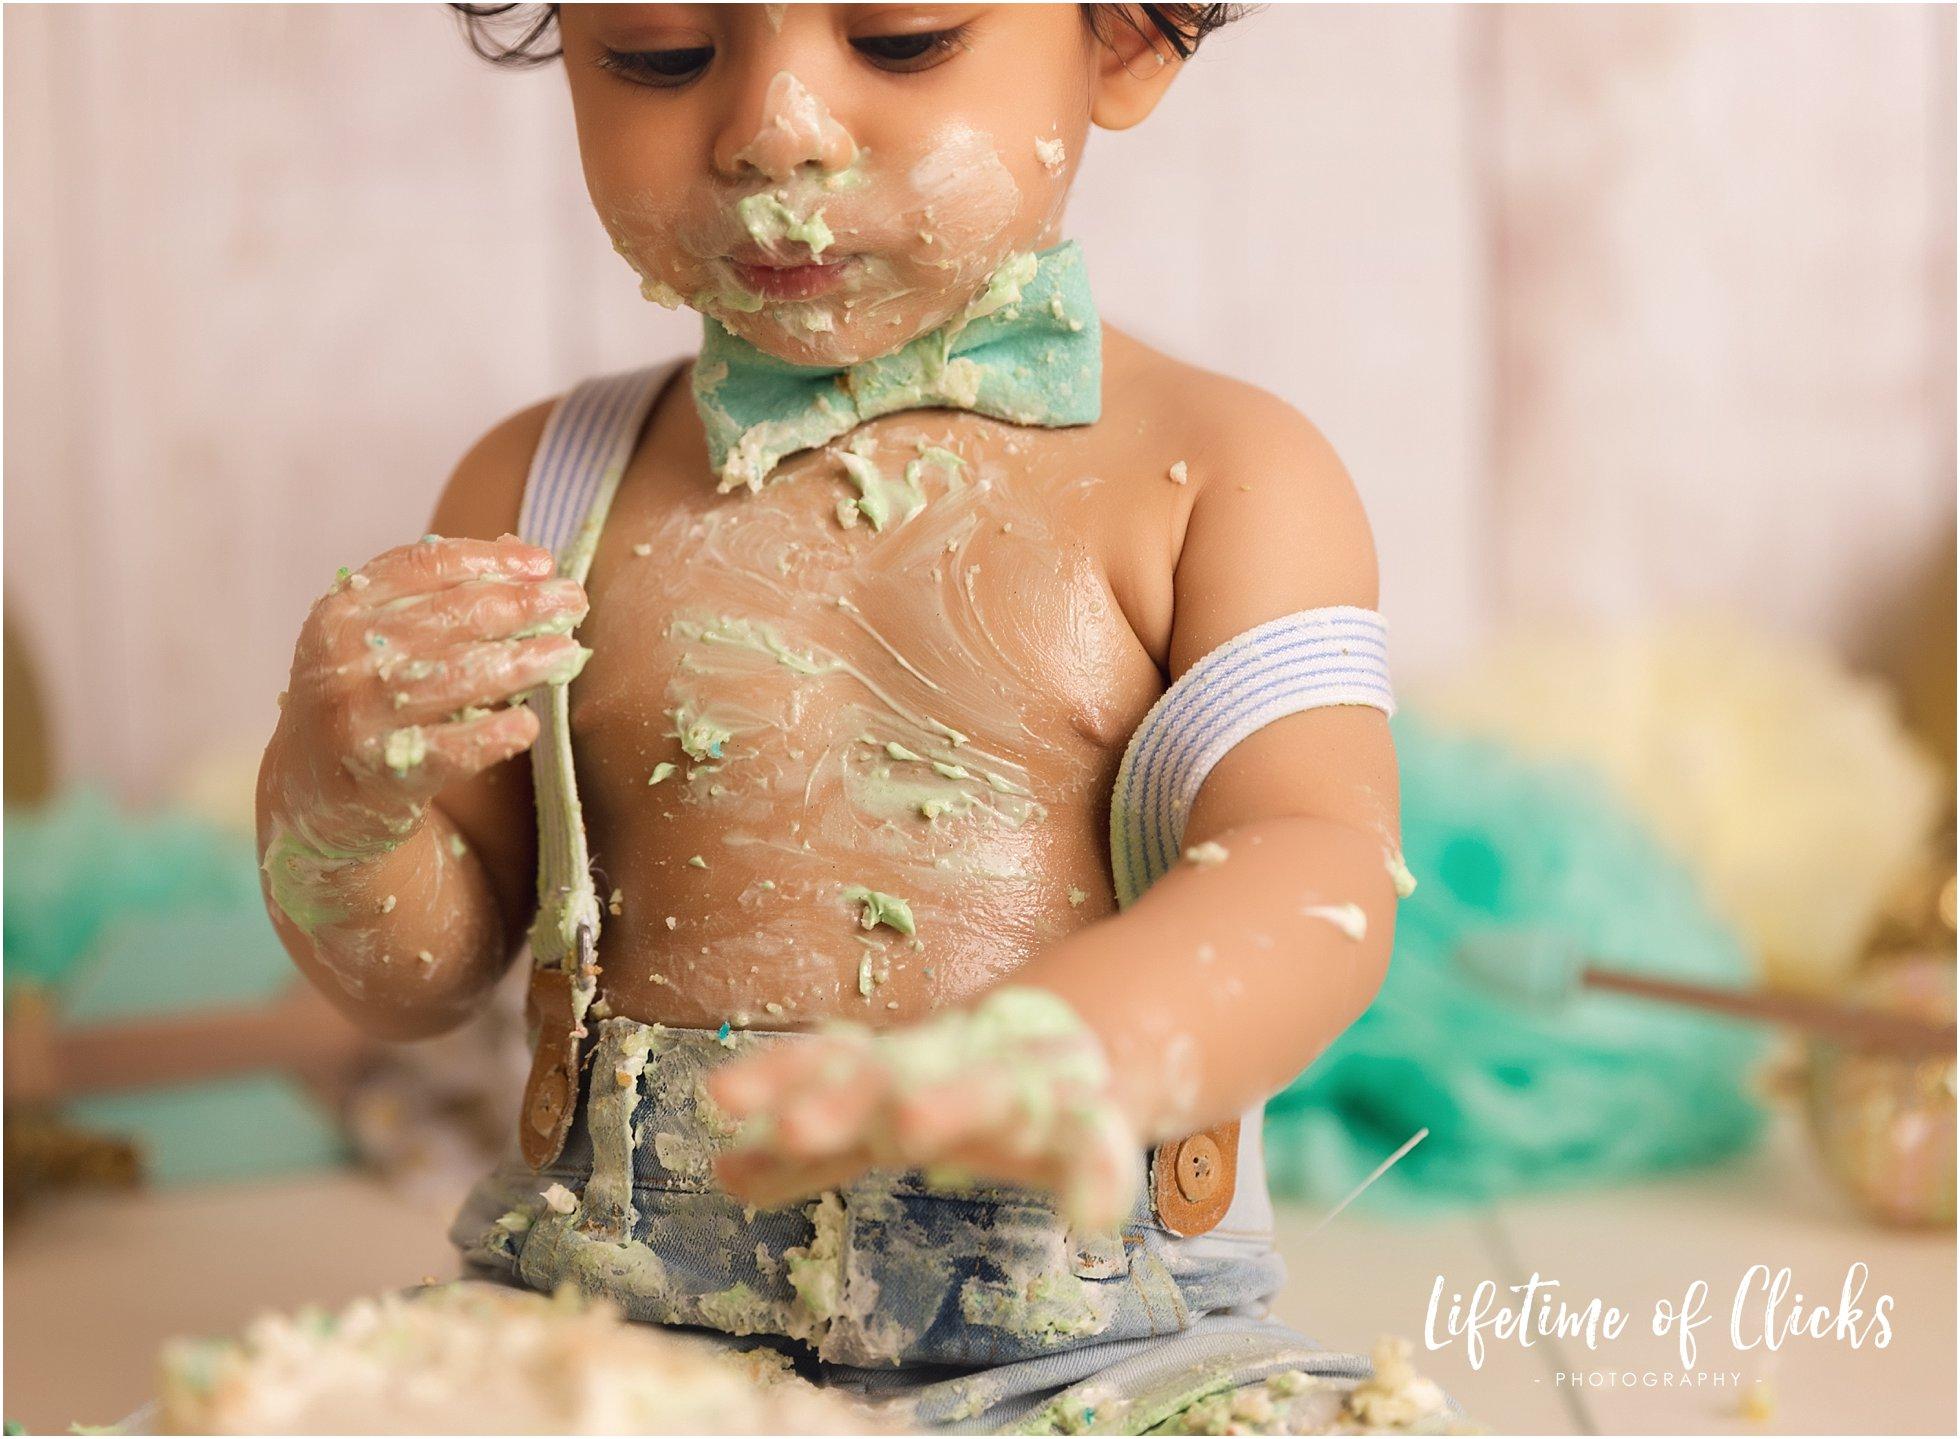 Messy cake smash session in Katy, TX